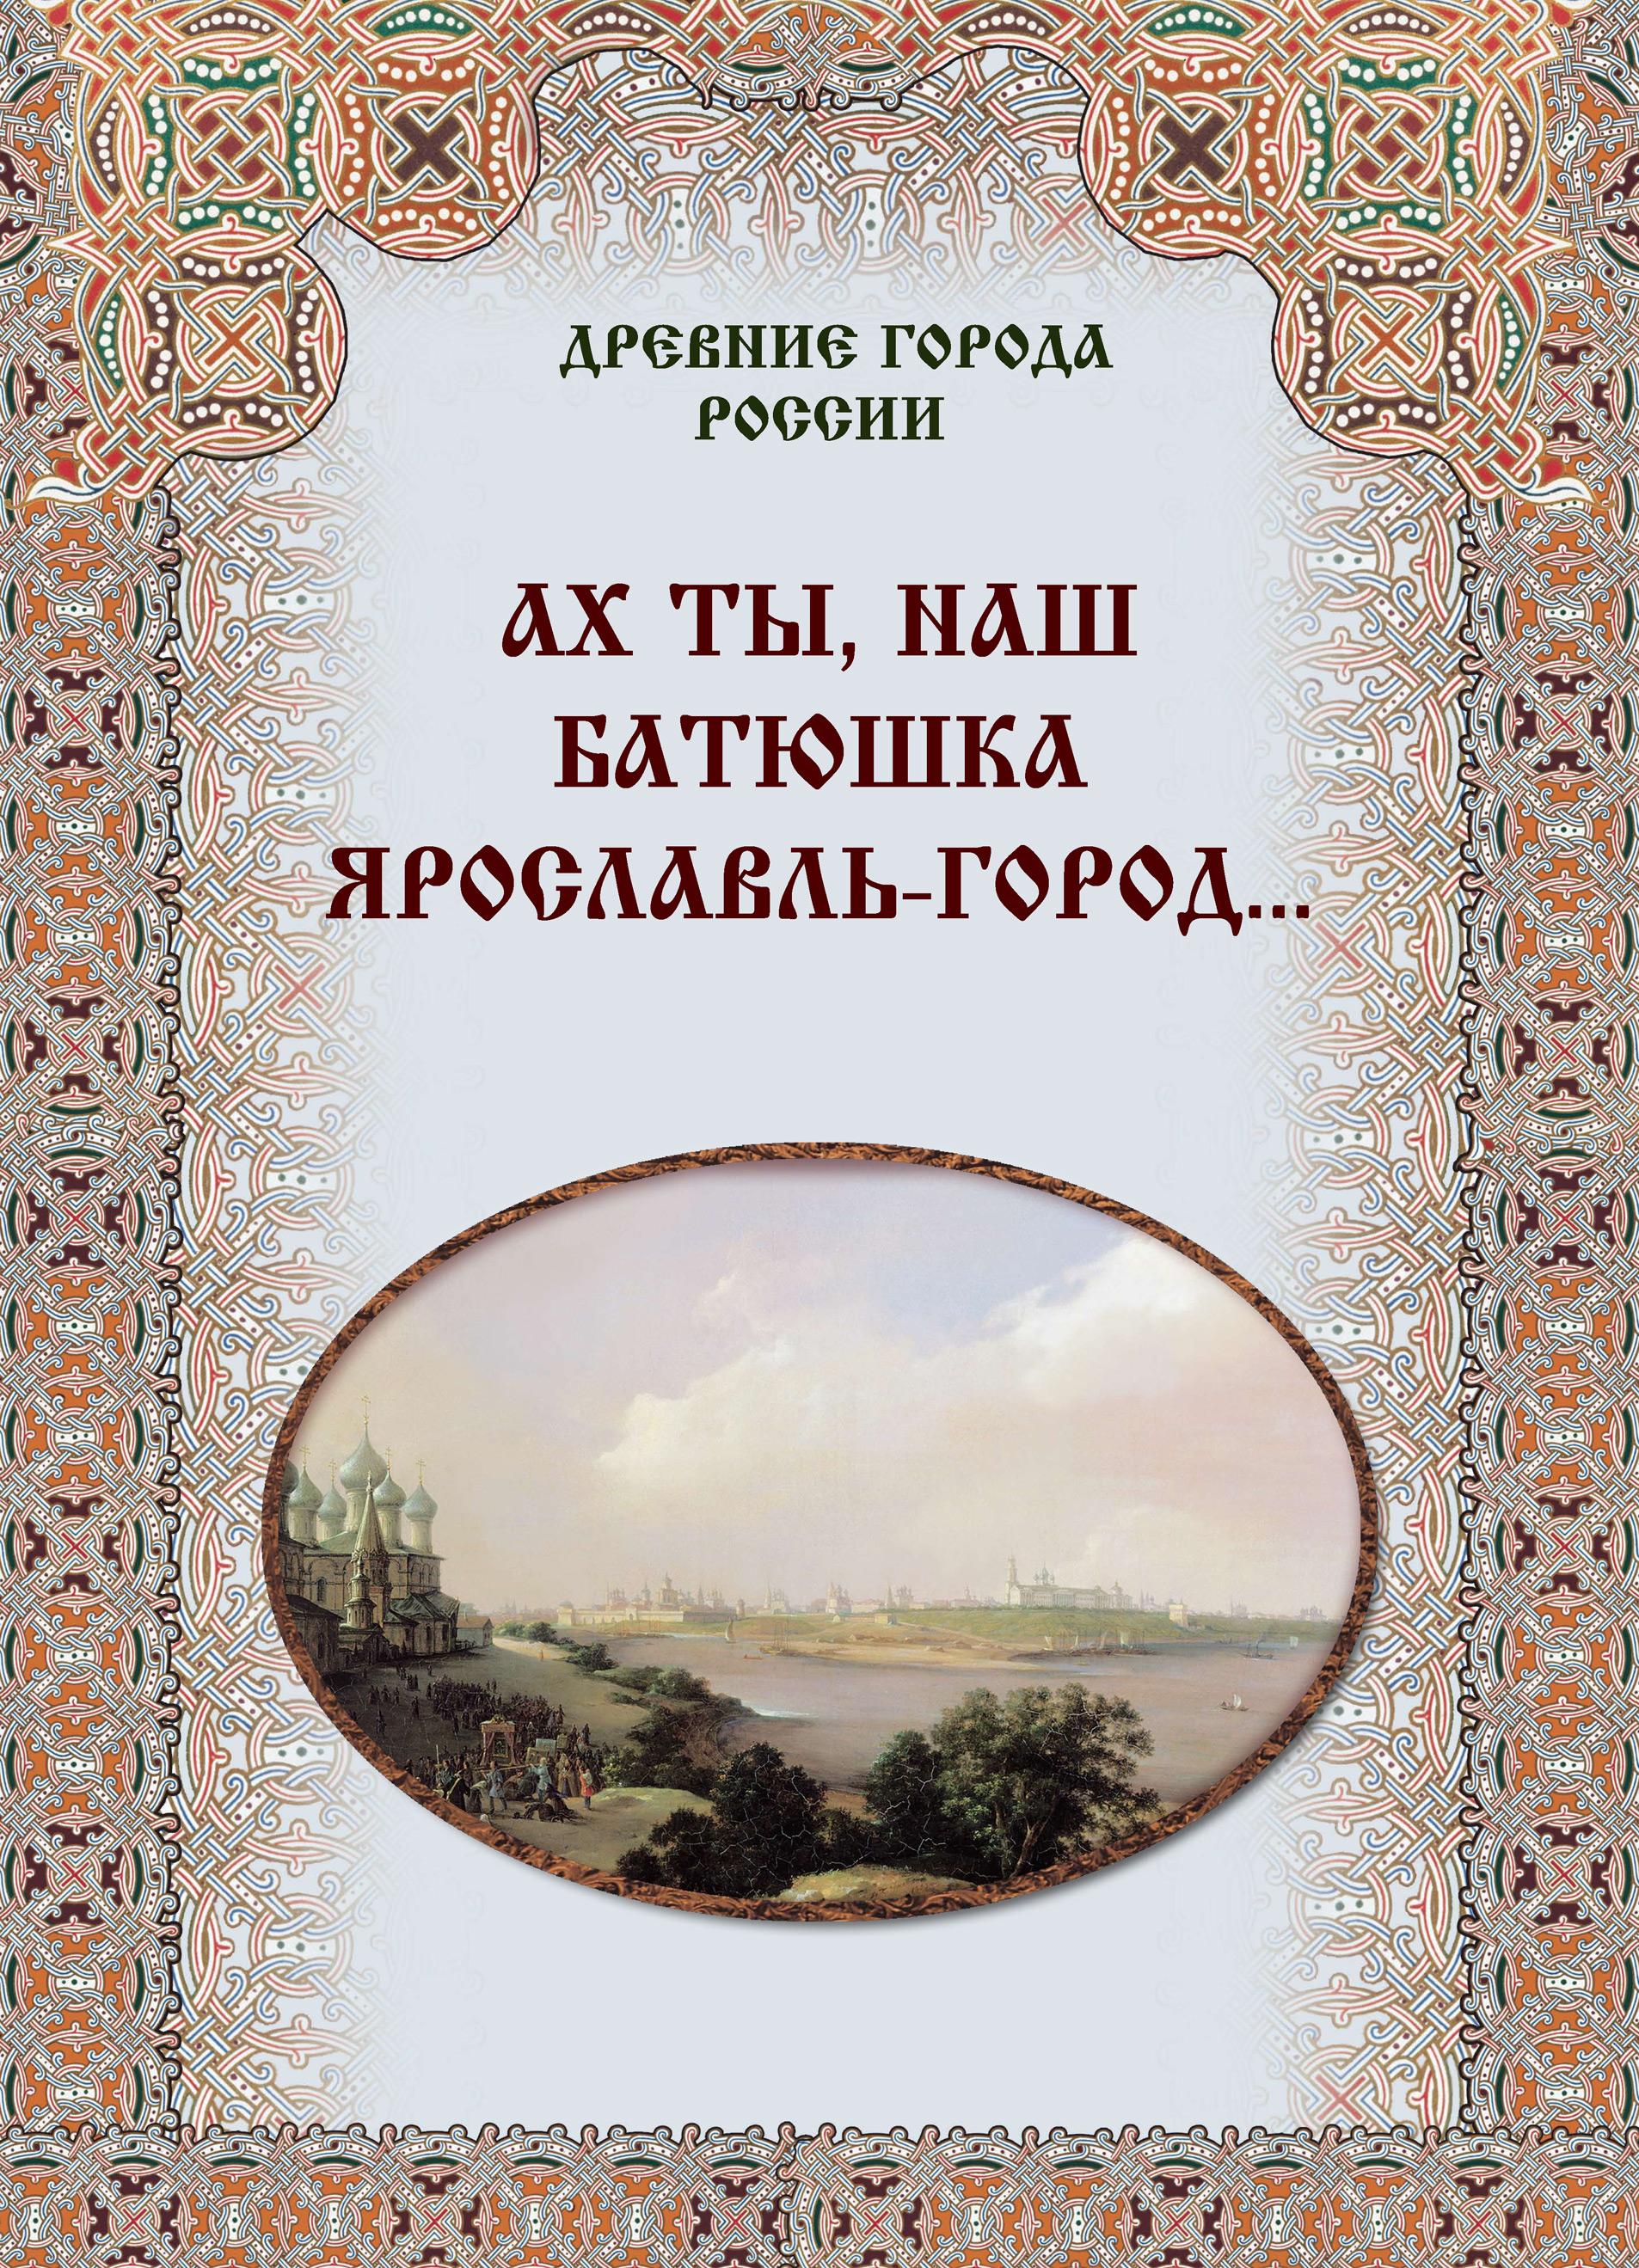 Отсутствует Ах ты, наш батюшка Ярославль-город…